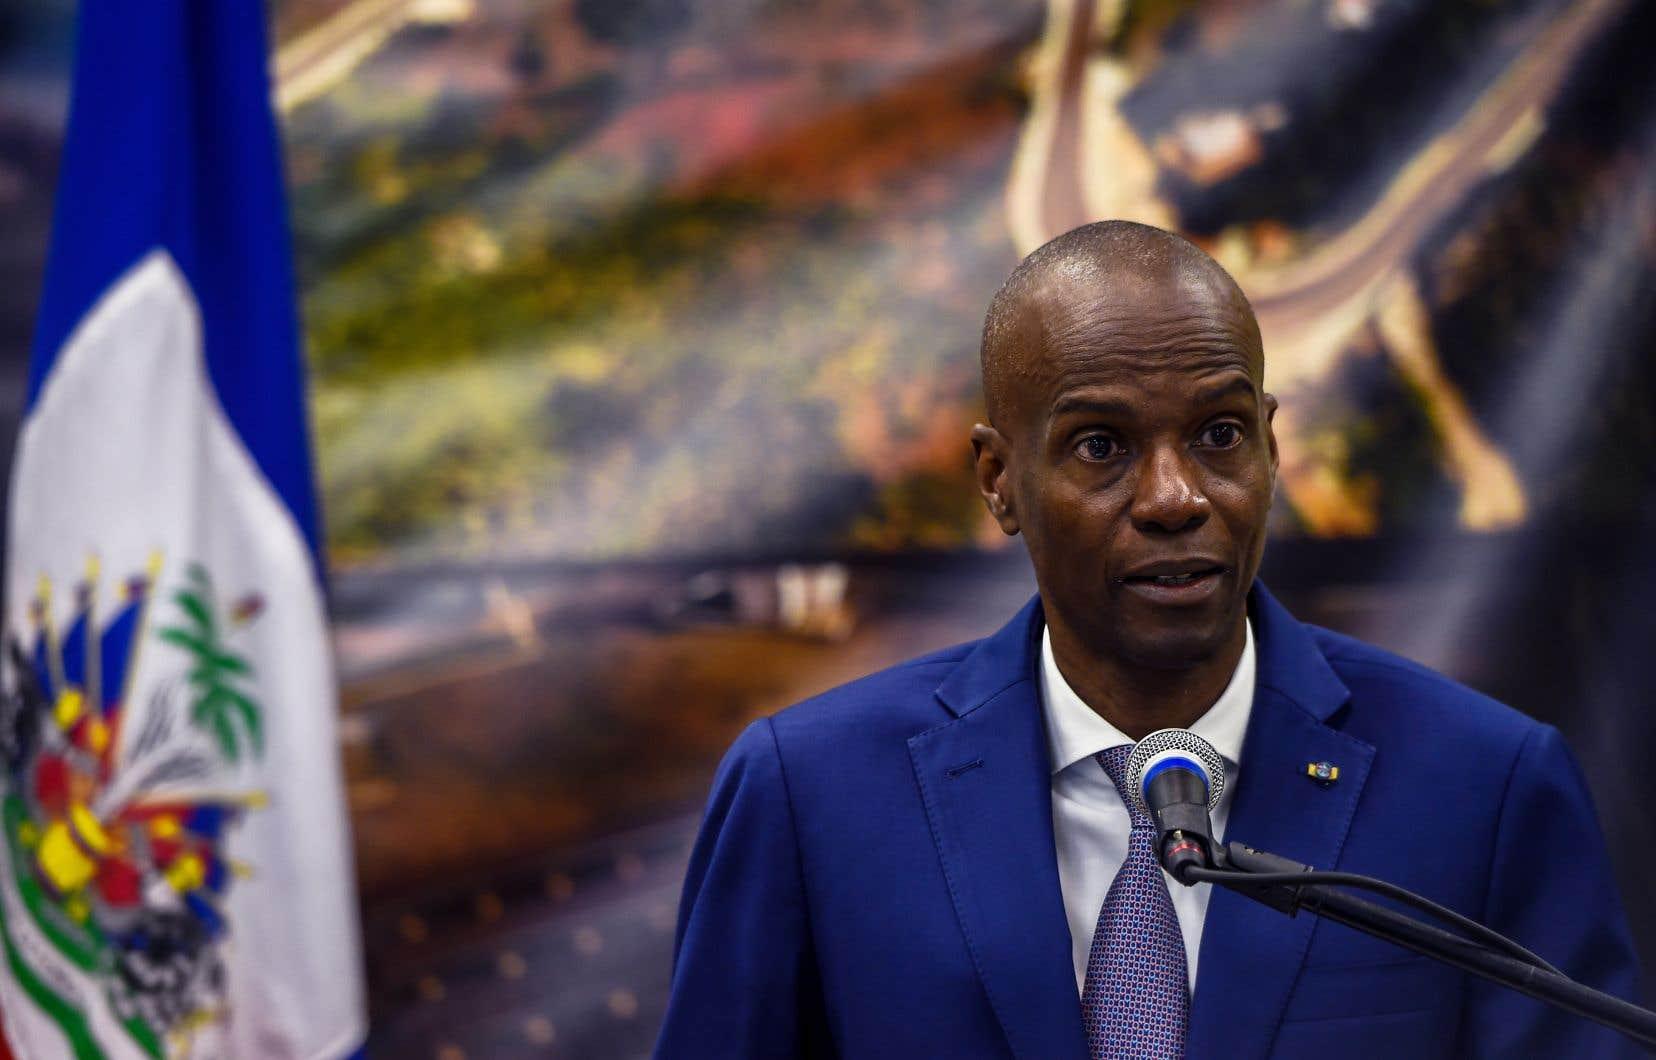 La société civile considère que le mandat de Jovenel Moïse arrive à terme dimanche. Le camp présidentiel table, lui, sur un départ du pouvoir le 7février 2022.